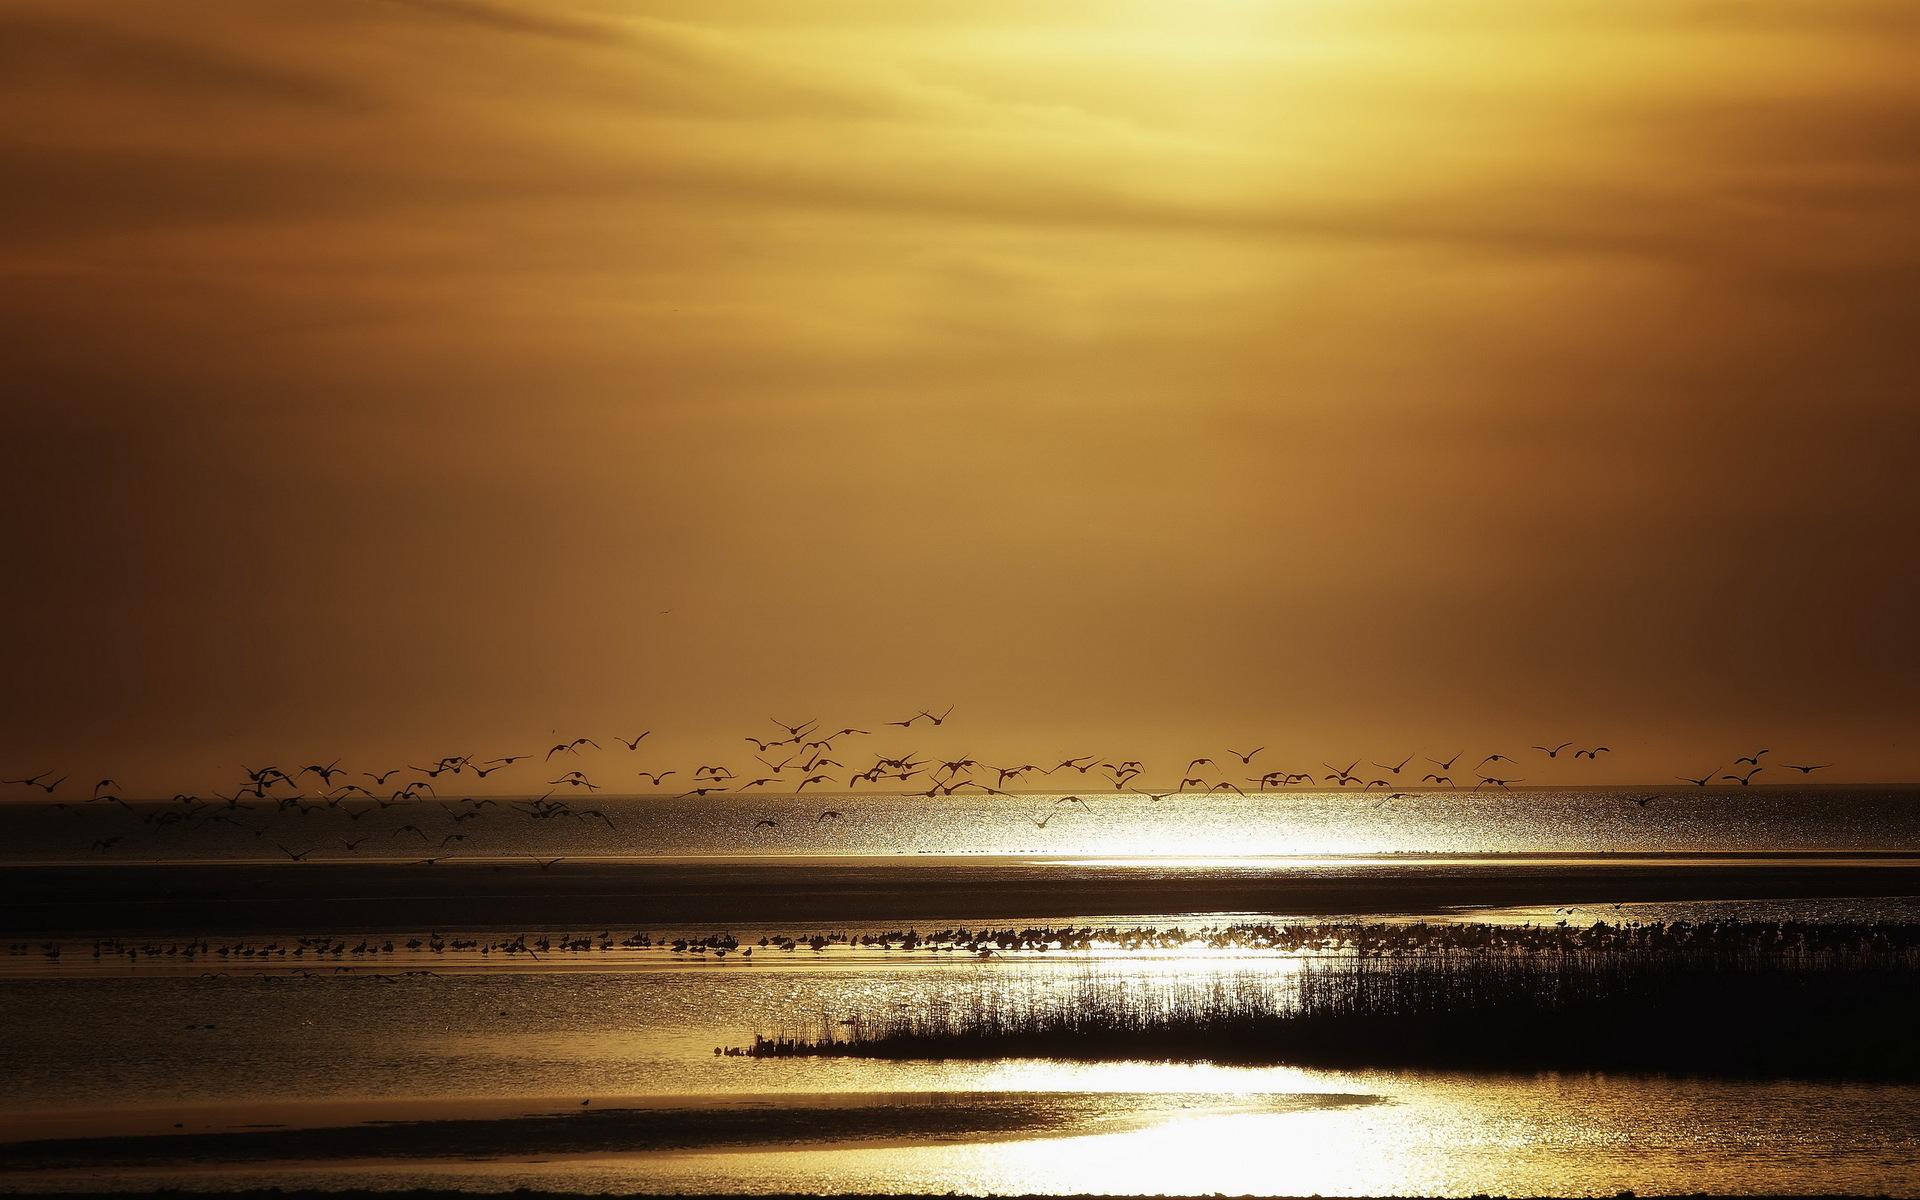 صور بحر خلفيات البحار والمياة بجودة HD (39)